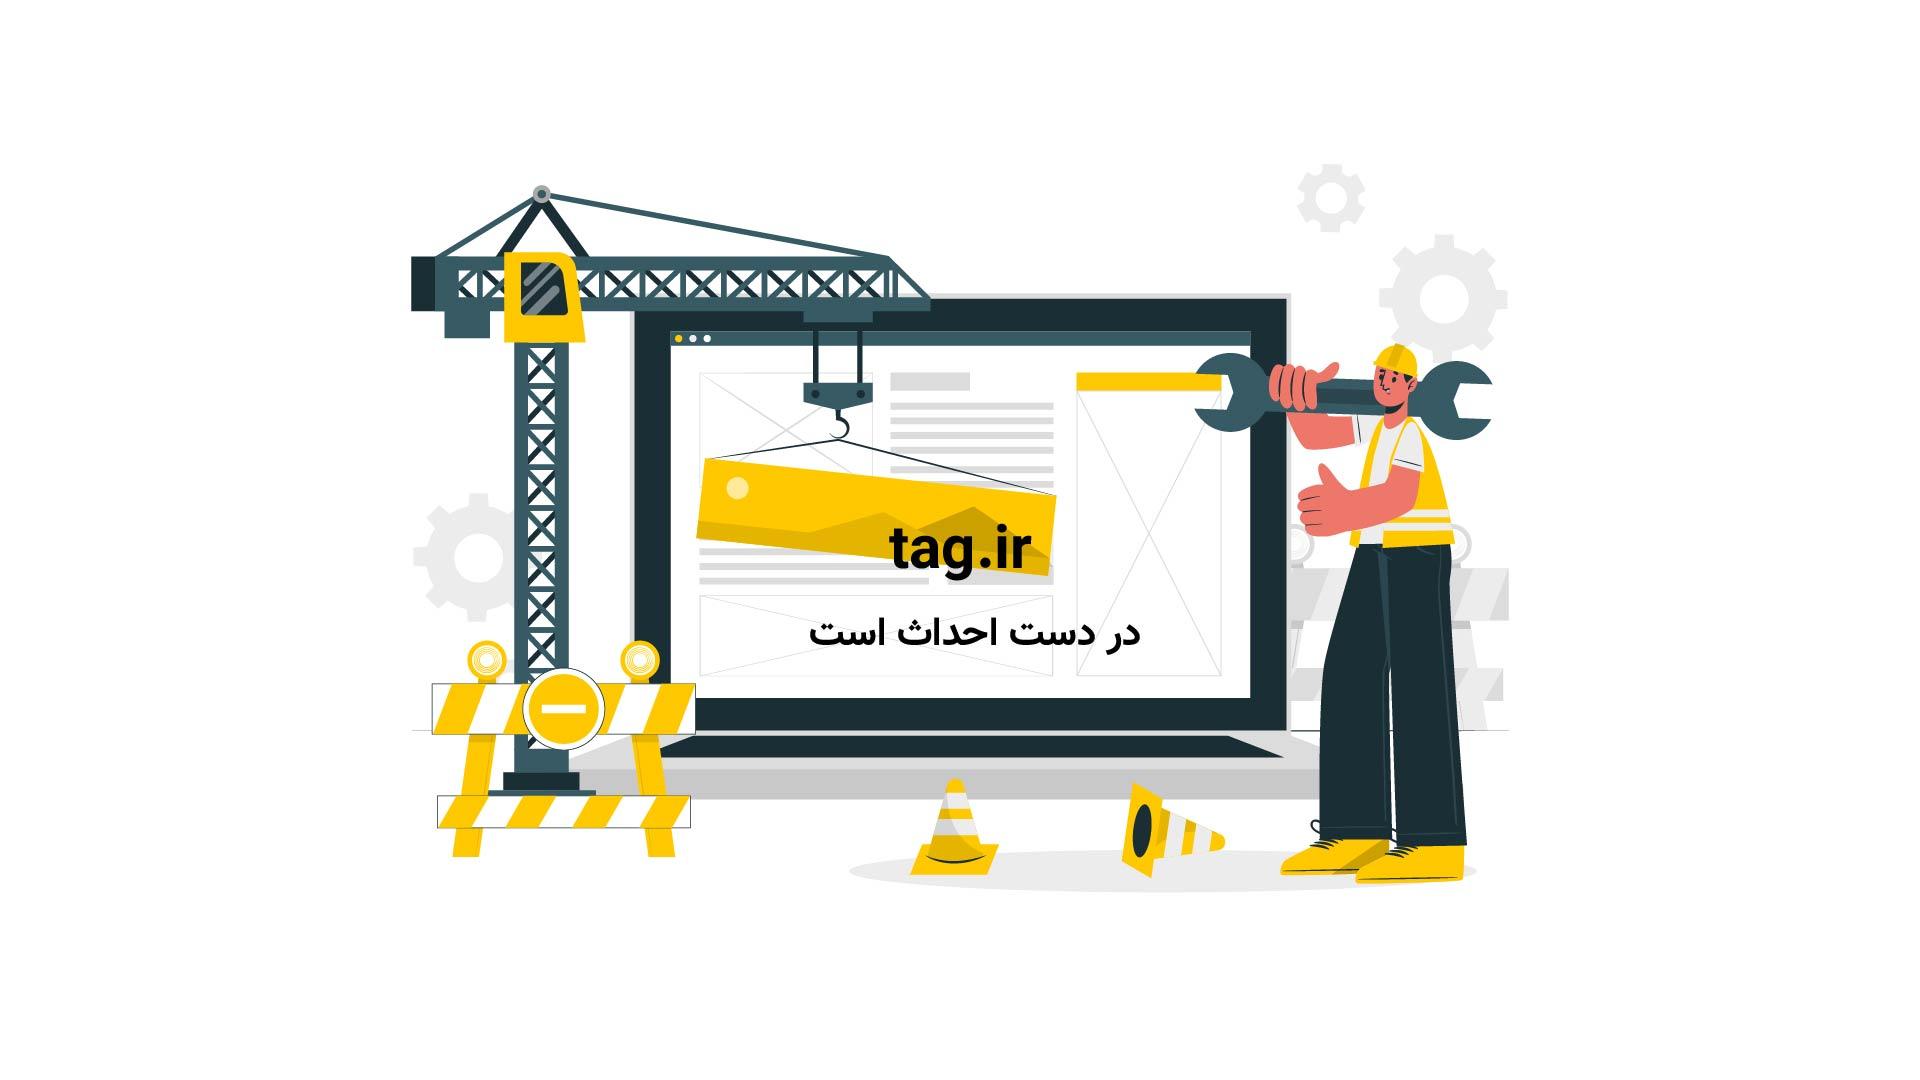 کالبد-شکافی-مغز | تگ